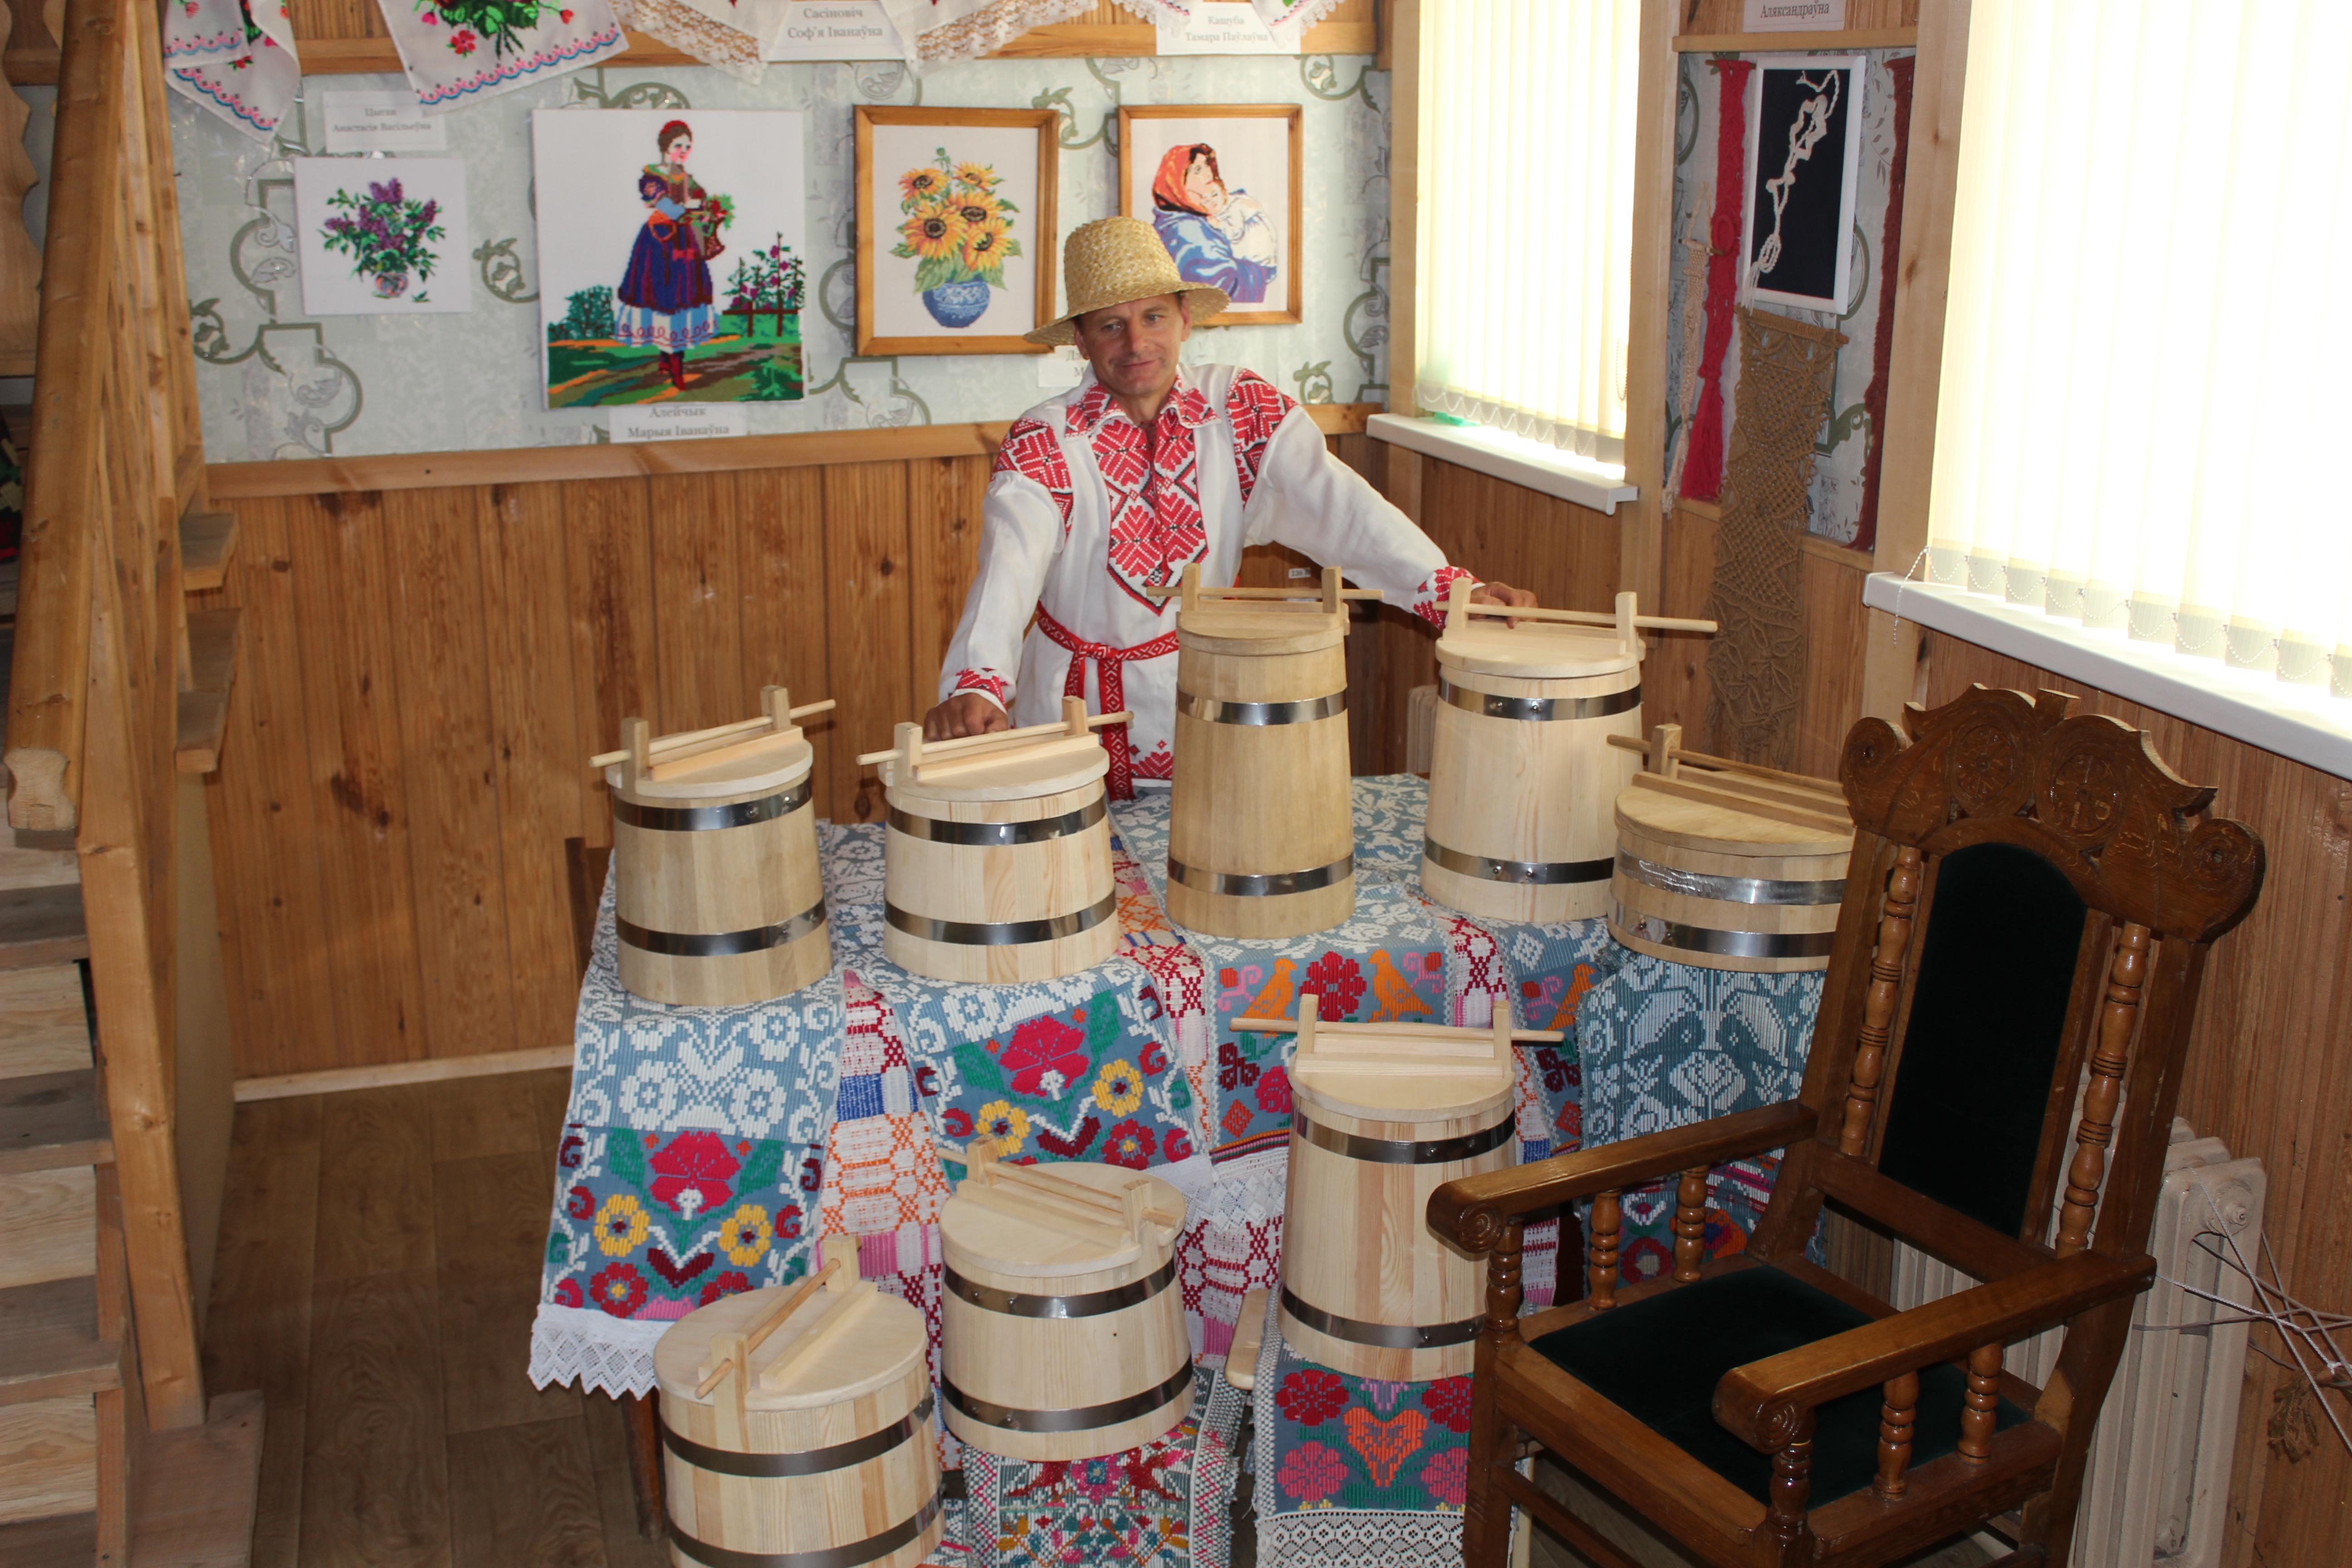 Мастер из Белоруссии проведет мастер-класс по бондарному ремеслу